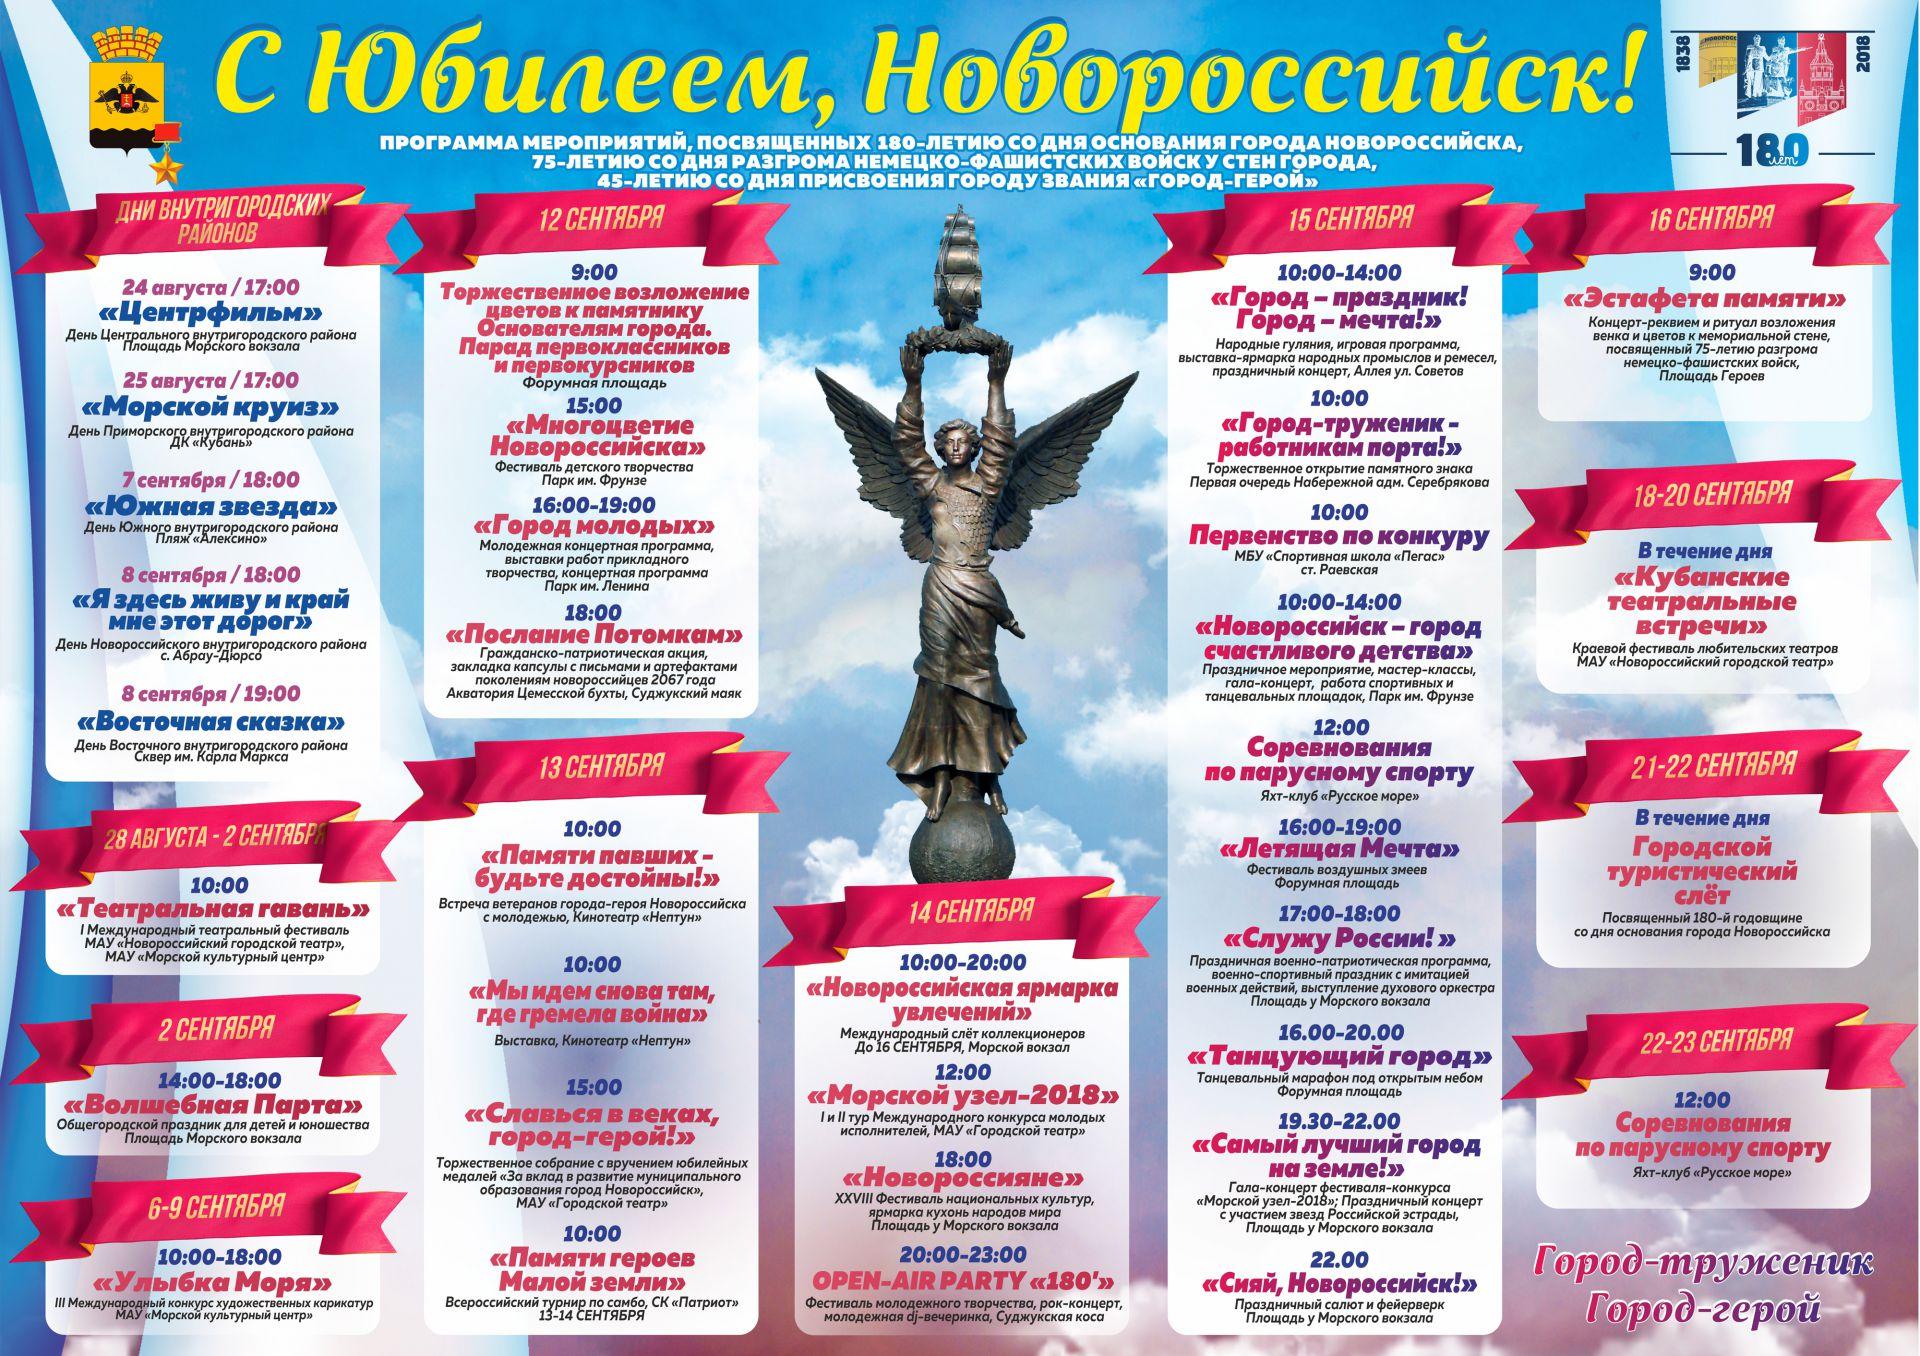 Новороссийск афиша концертов на сентябрь спектакль пушкин афиша